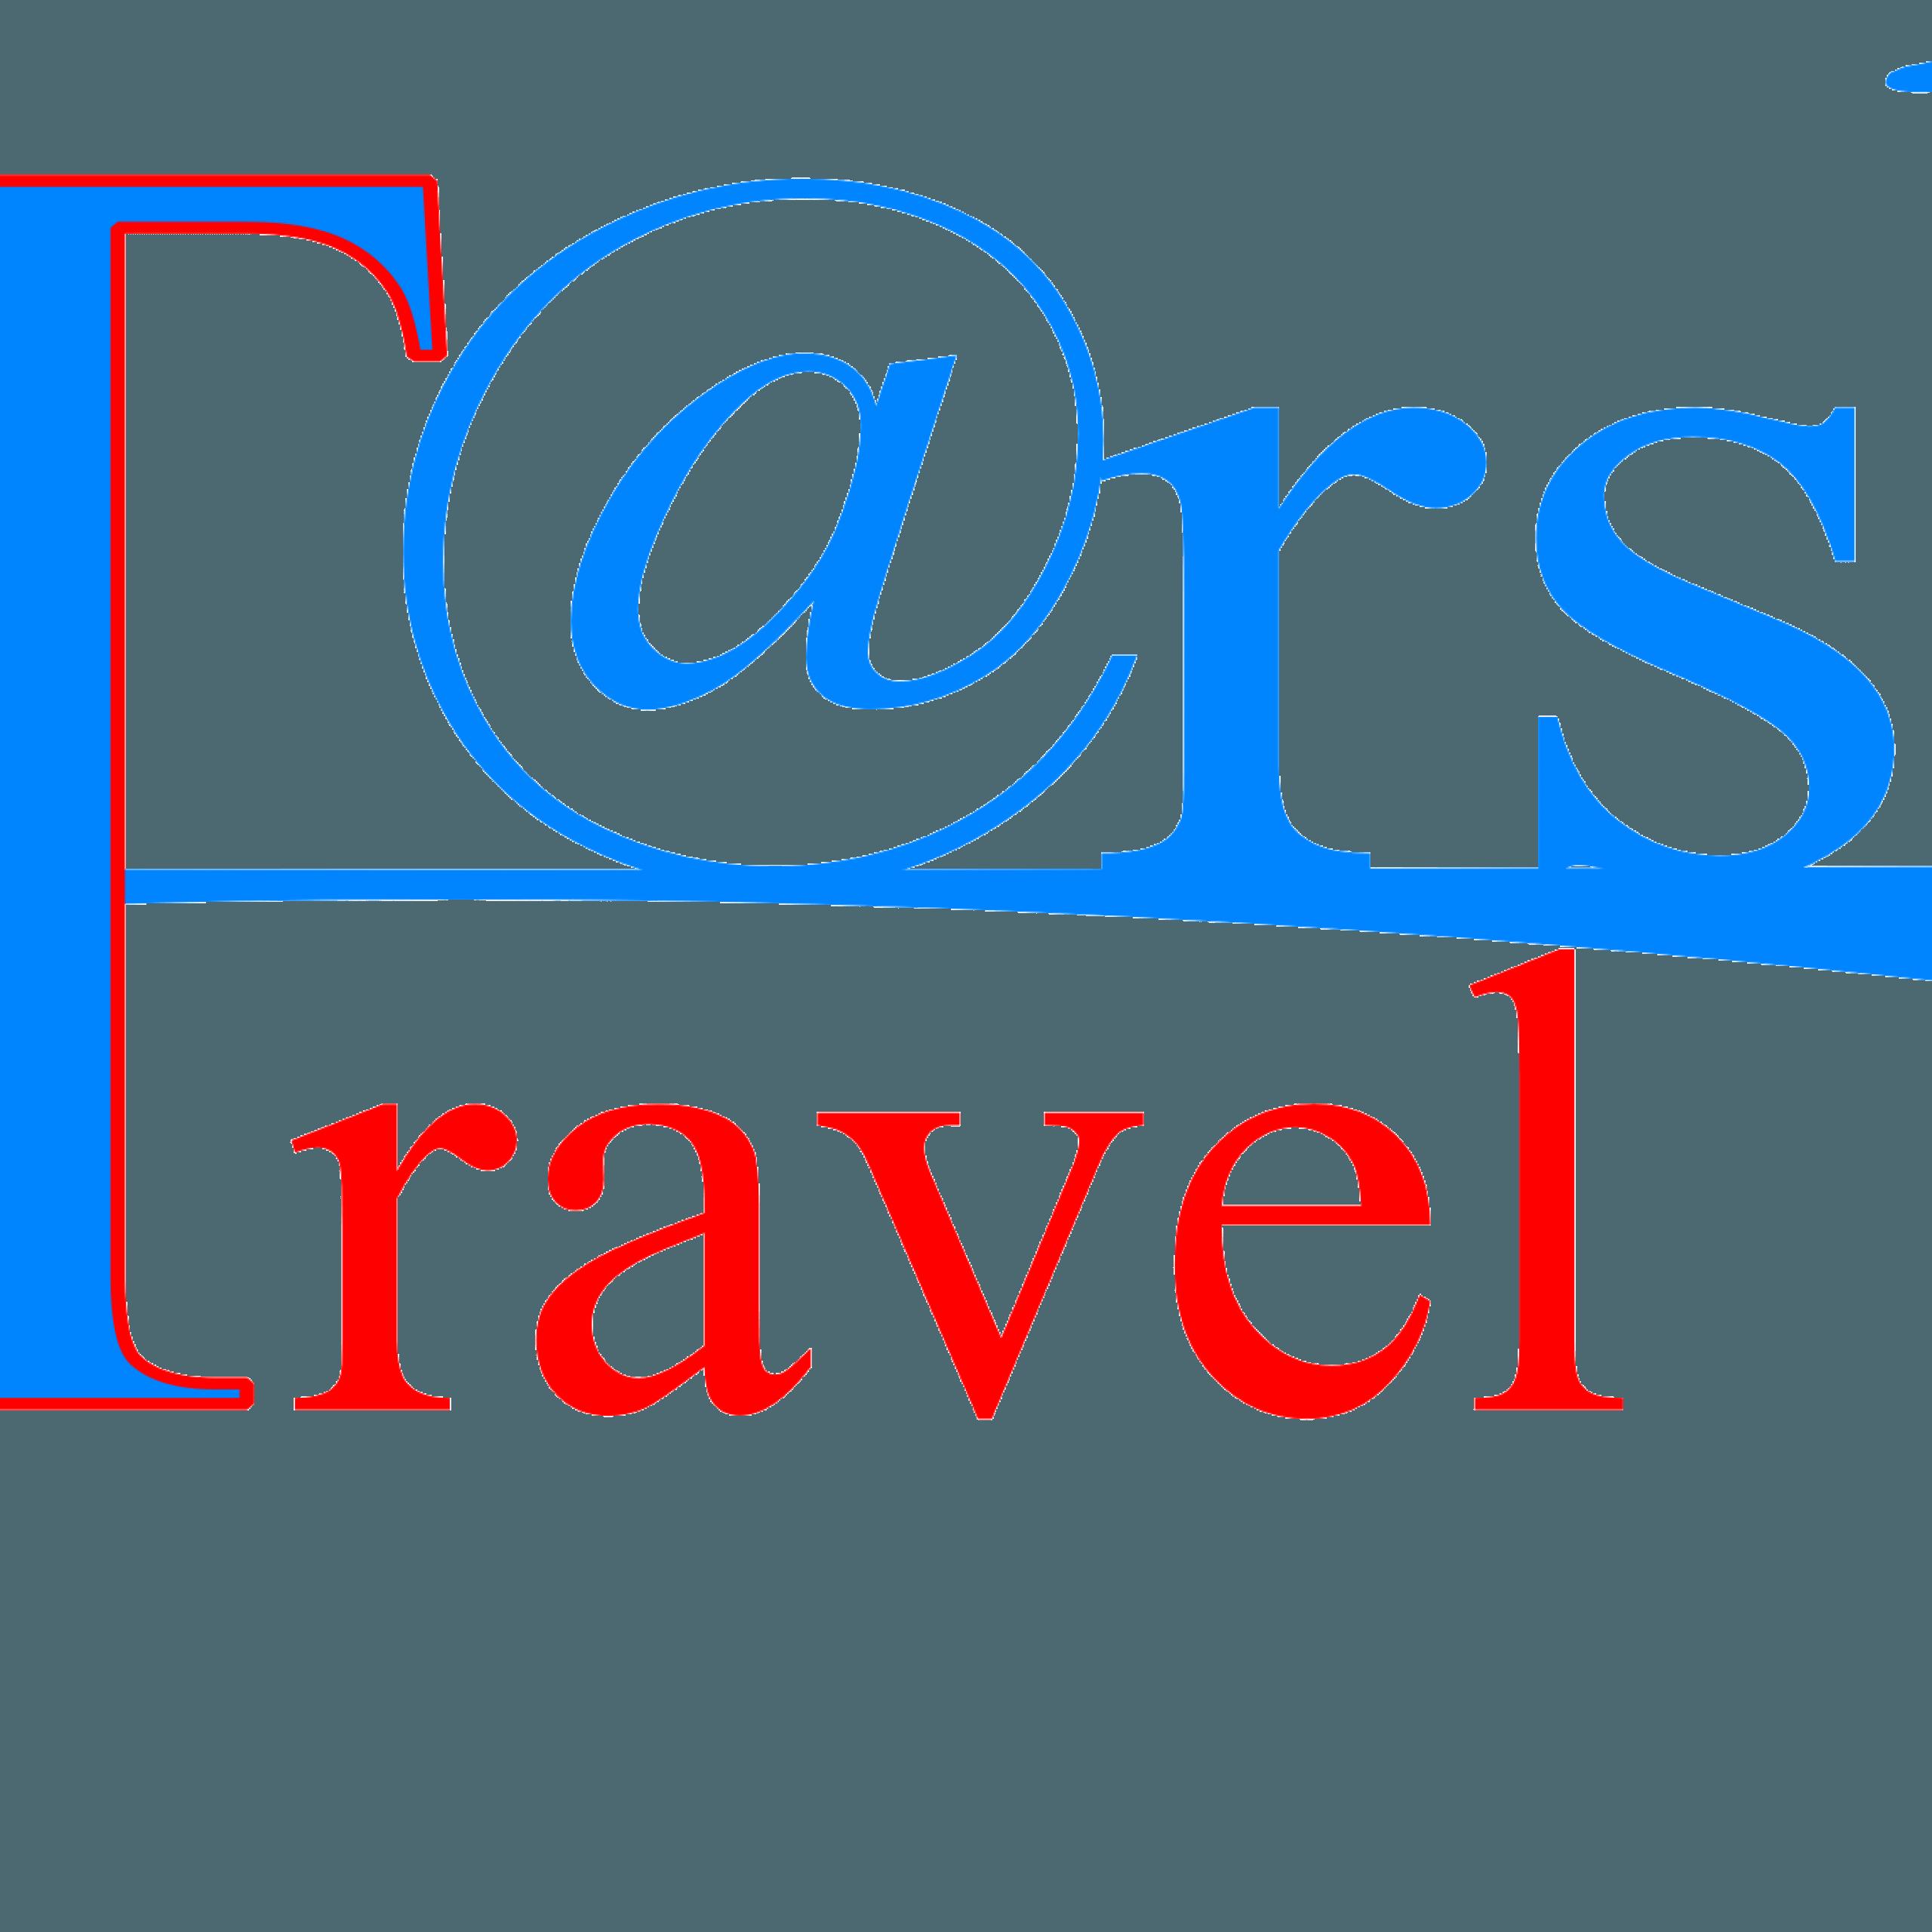 feribot-seferleri logo